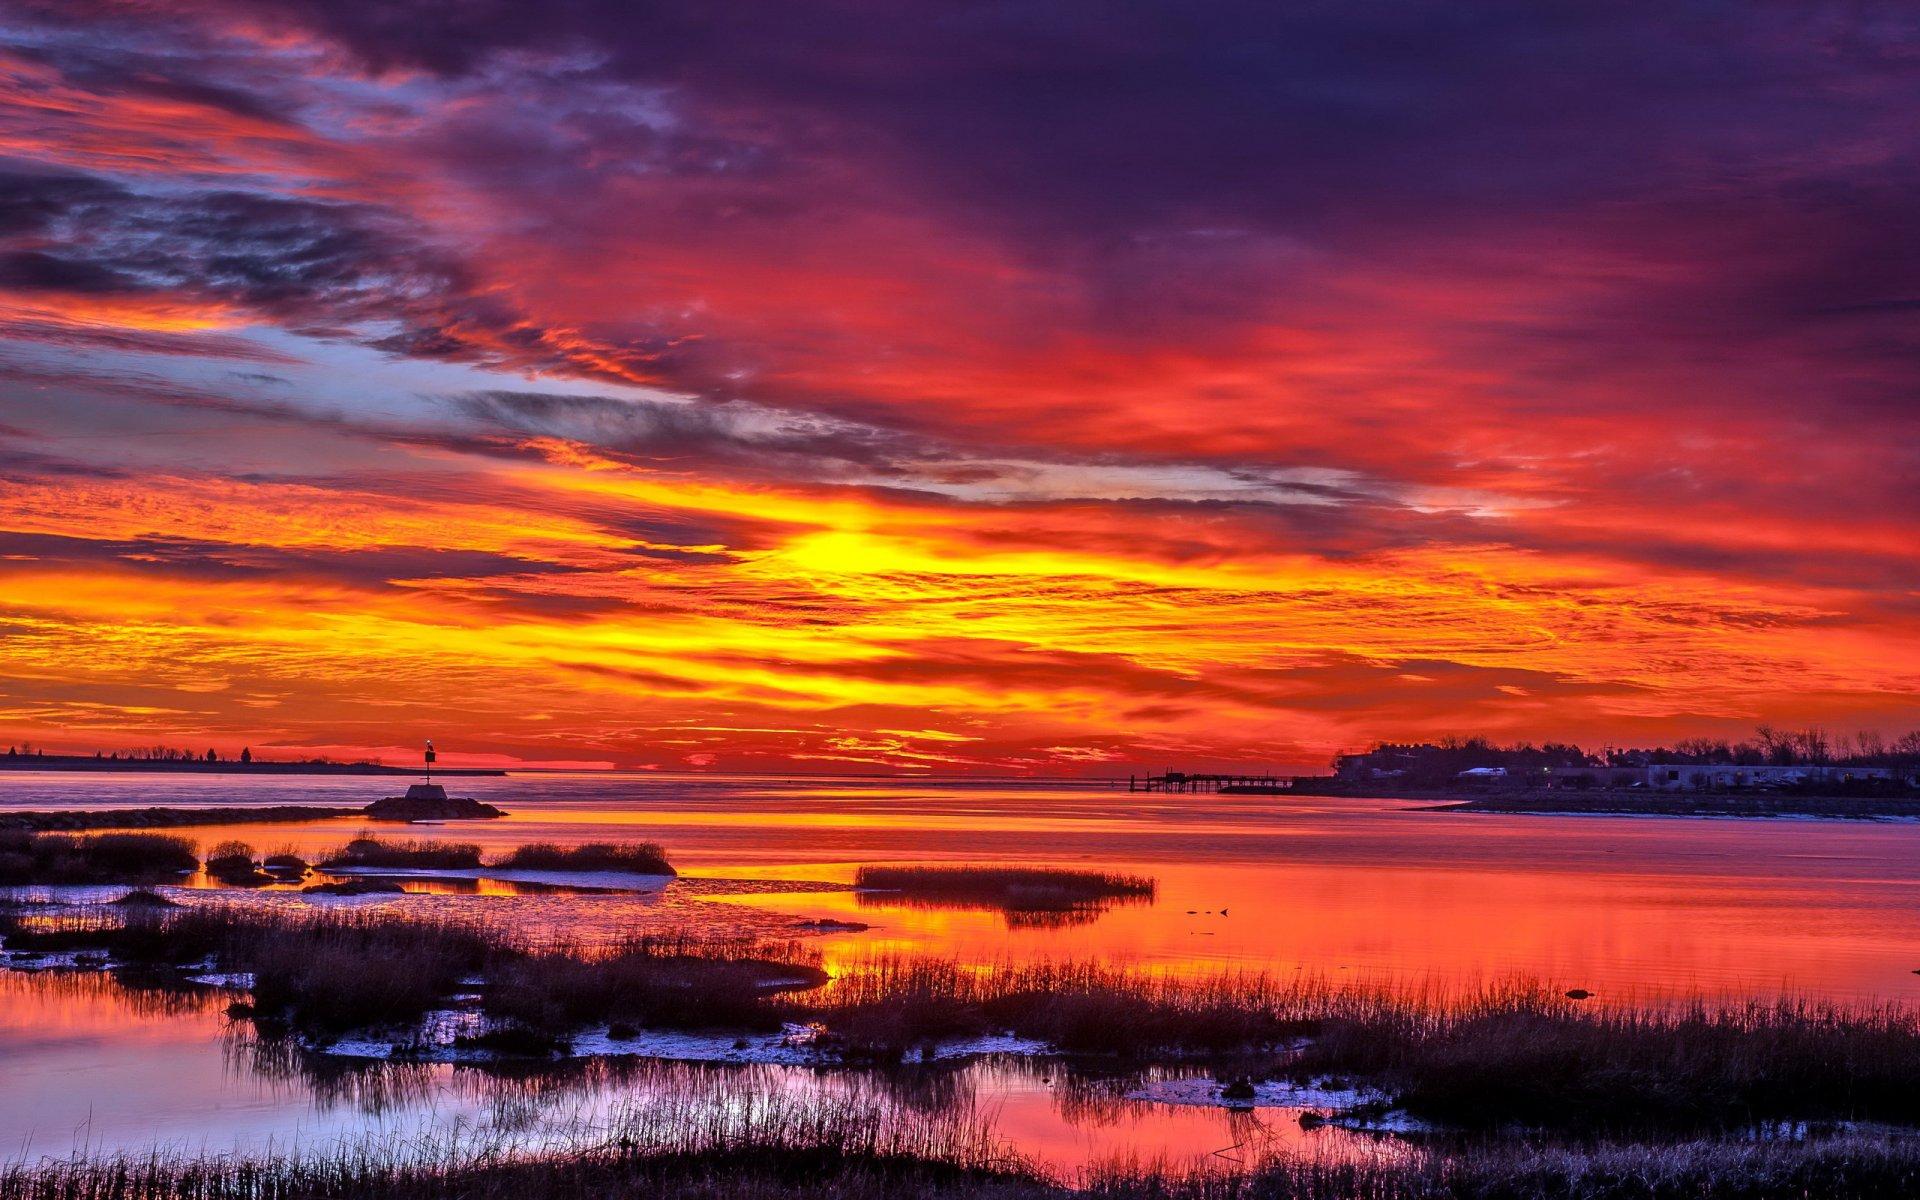 самые красивые рассветы и закаты фото